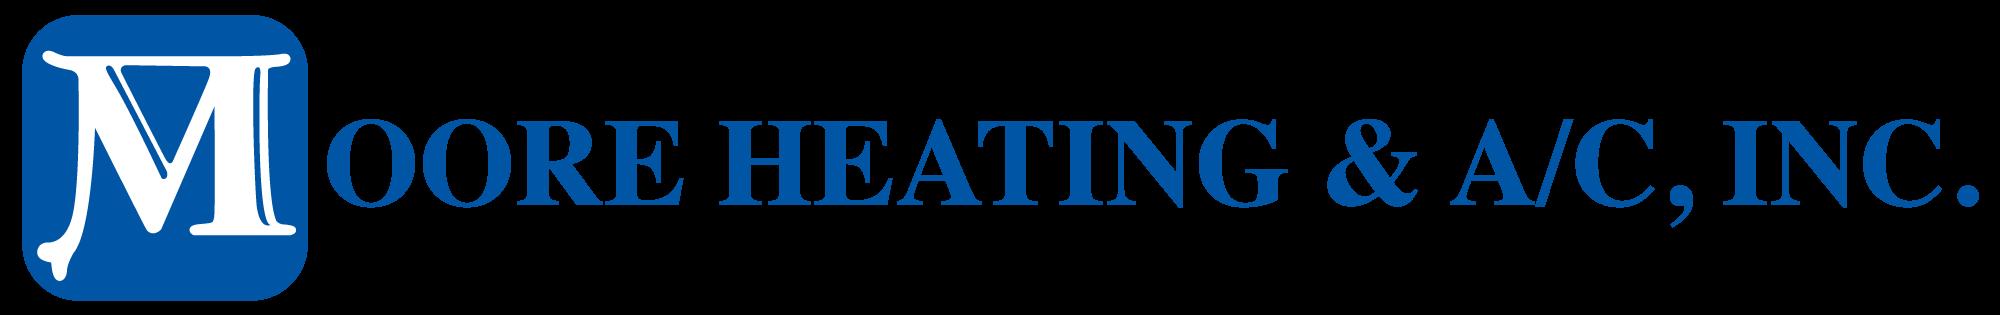 mooreheating-Logo-large